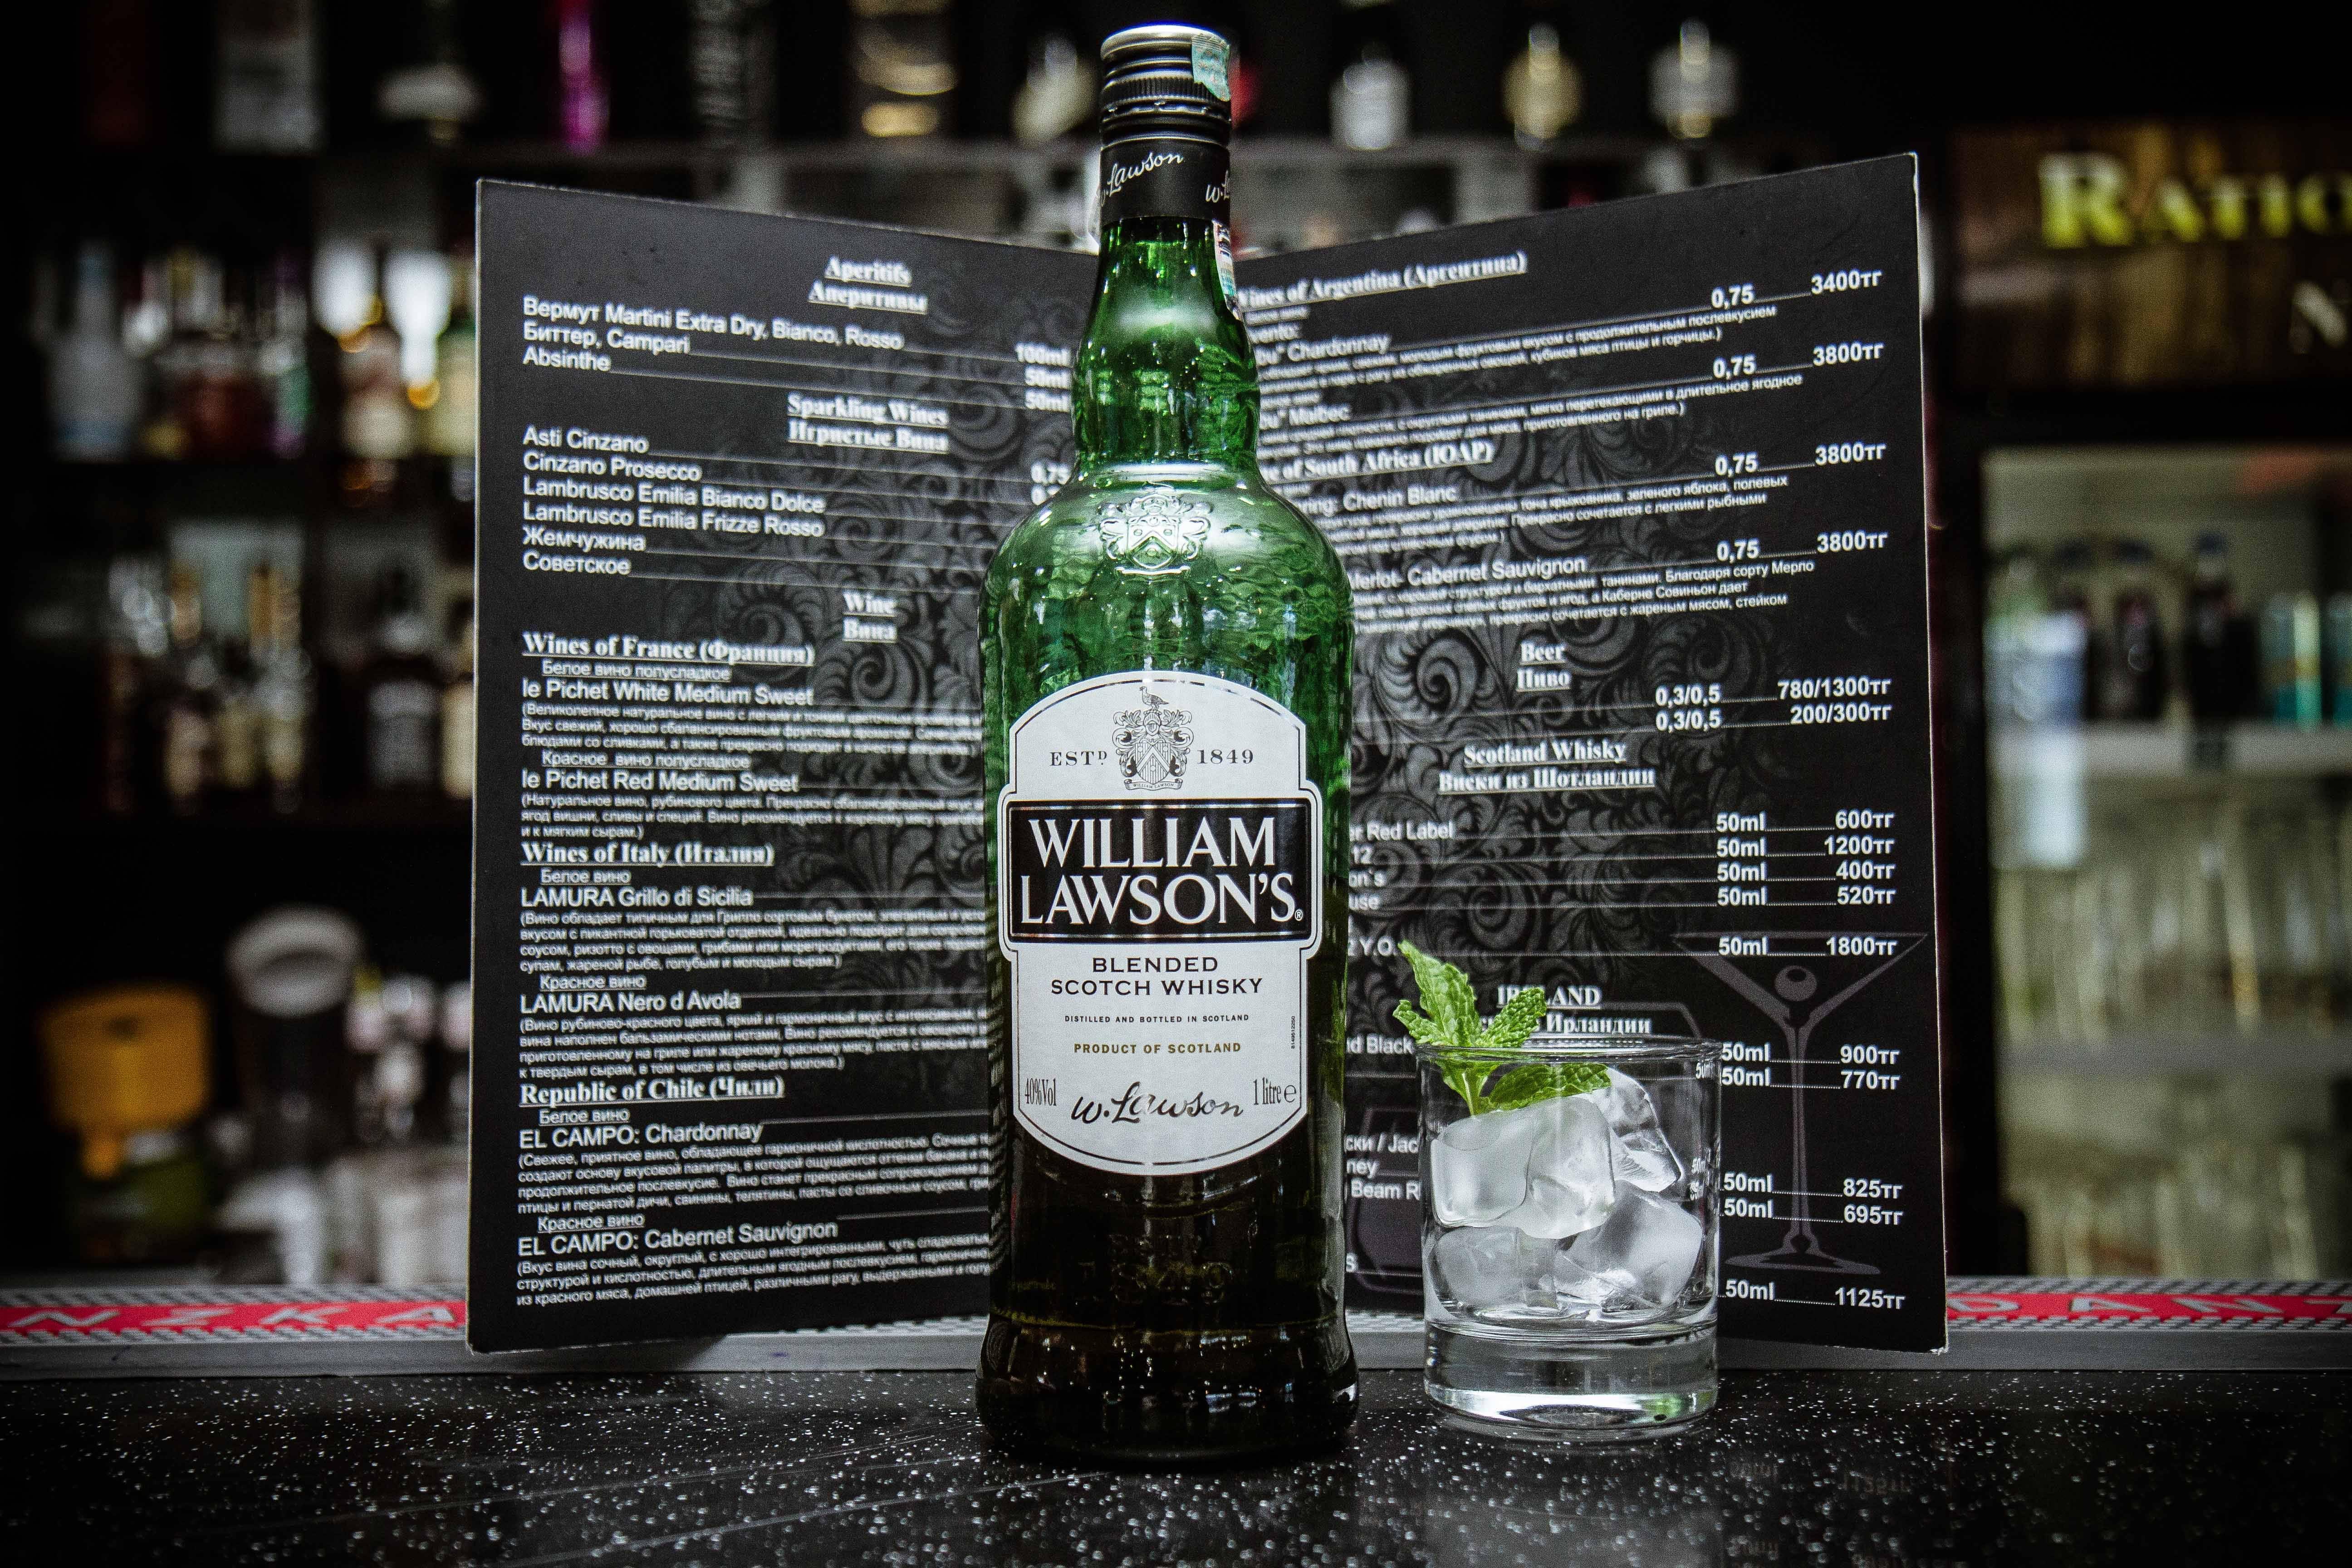 William lawsons (вильям лоусонс): разновидности виски, цена в магазине и история напитка, как отличить оригинал от подделки